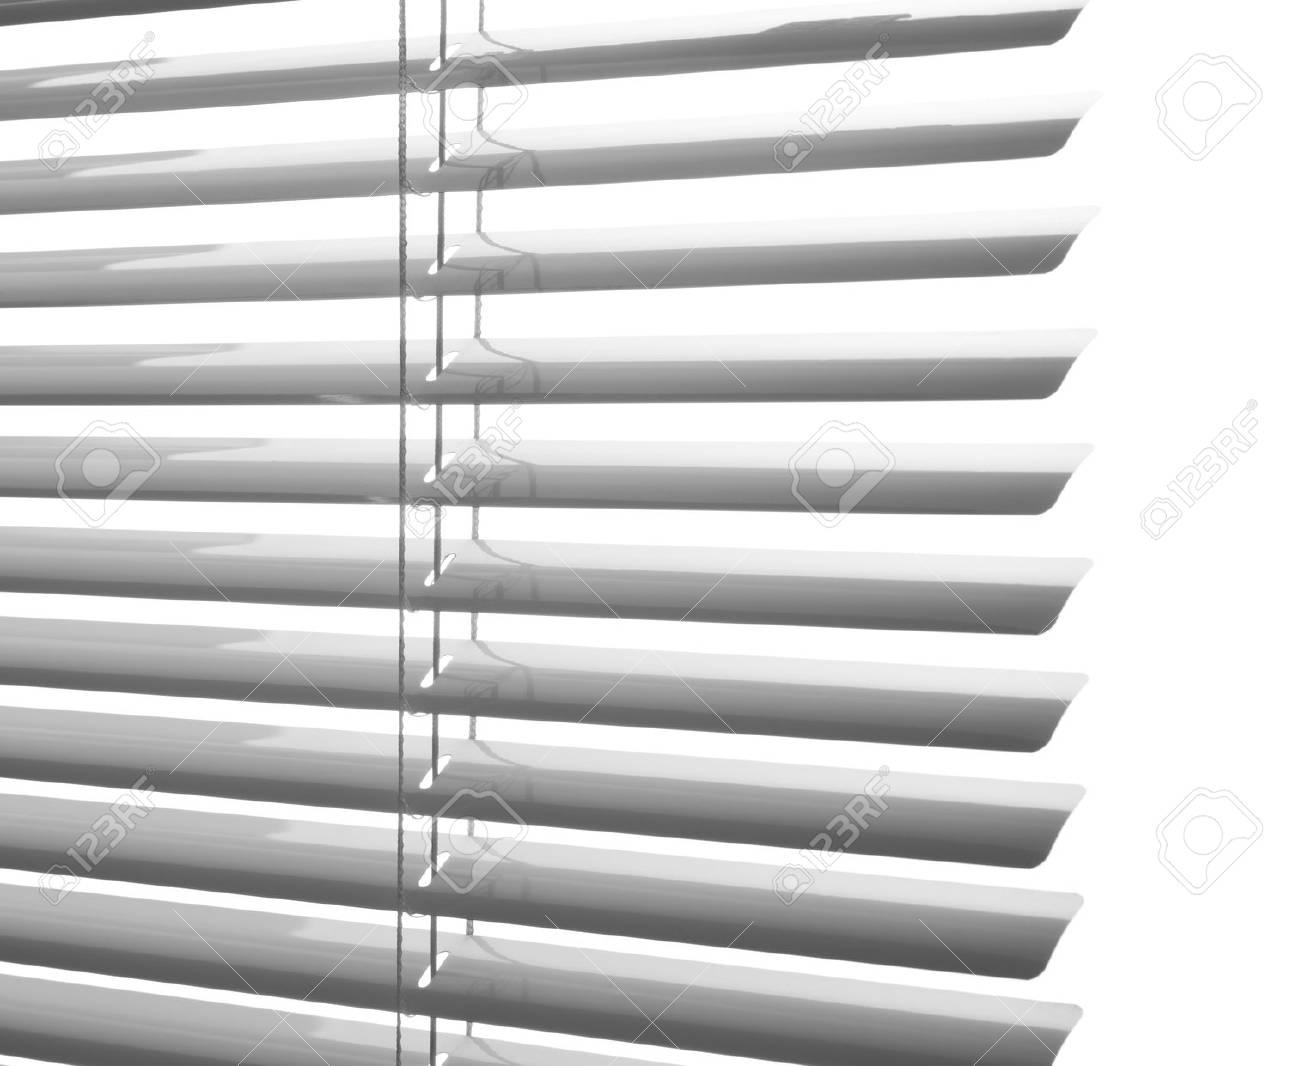 Full Size of Fenster Jalousien Weie Kunststoff Schlieen Studio Aufnahme Nach Maß Kbe Holz Alu Preise Ebay Meeth Bremen Landhaus Rahmenlose Innen Schüco Mit Integriertem Fenster Fenster Jalousien